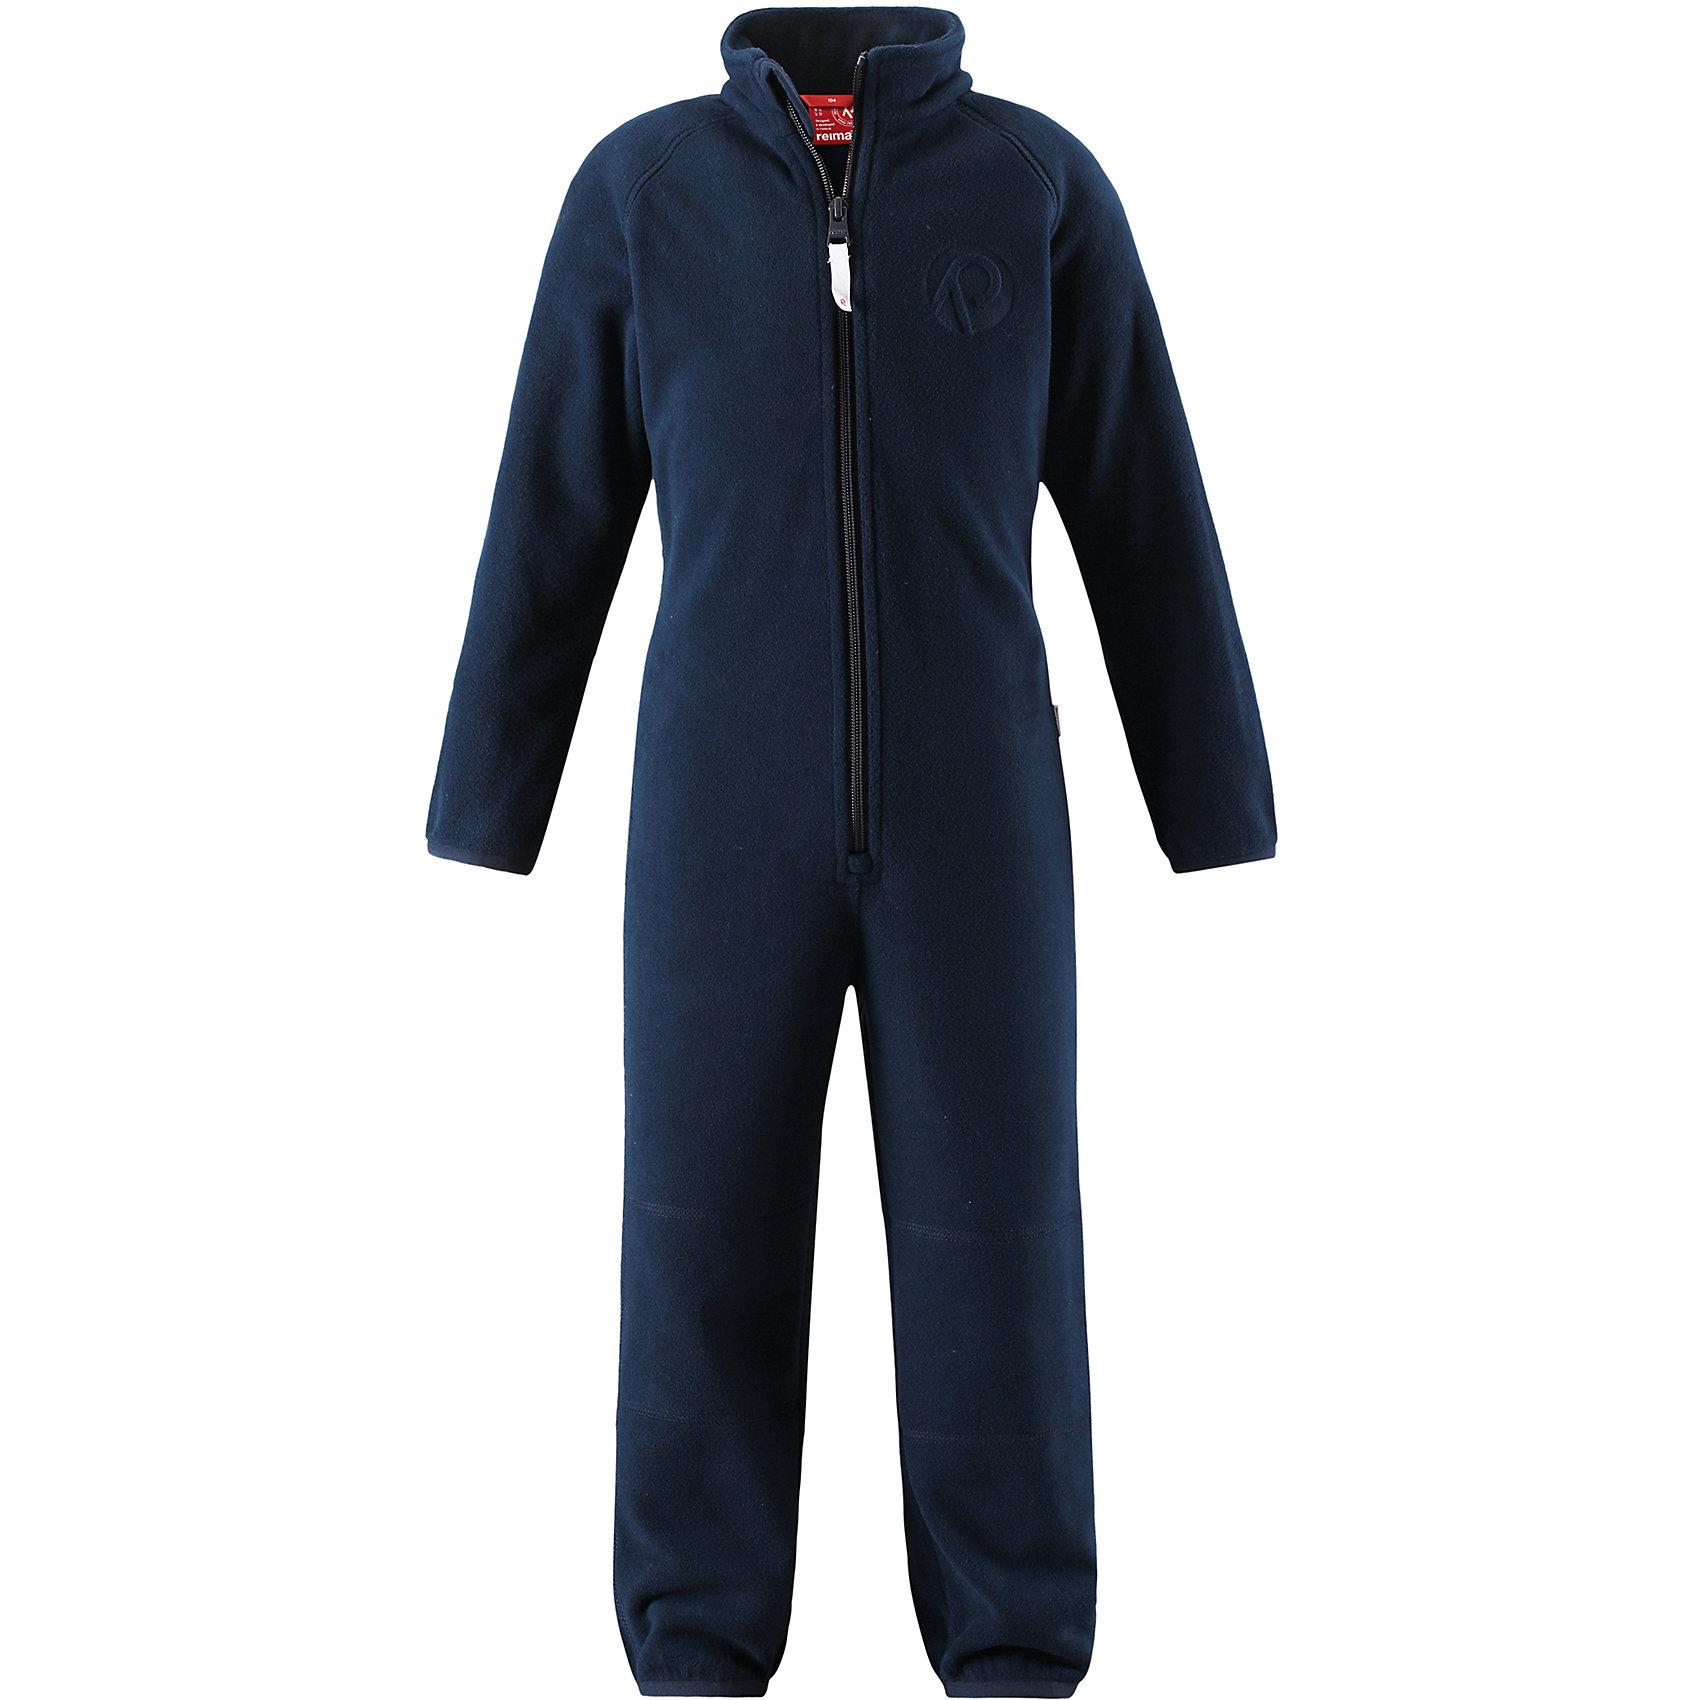 Флисовый комбинезон Reima KrazОдежда<br>Характеристики товара:<br><br>• цвет: синий;<br>• состав: 100% полиэстер;<br>• сезон: зима;<br>• застежка: молния по всей длине с защитой подбородка;<br>• быстро сохнут и сохраняют тепло;<br>• выводит влагу в верхние слои одежды;<br>• эластичные манжеты на рукавах и брючинах;<br>• эластичная сборка сзади;<br>• страна бренда: Финляндия;<br>• страна изготовитель: Китай.<br><br>Мягкий и легкий полярный флис – это теплый и при этом быстросохнущий материал, который отводит влагу и не парит даже во время активных игр. Флисовый комбинезон очень легко надевать: молния во всю длину облегчает надевание, а эластичная регулируемая талия плотно держит брюки на поясе. Это лучший вариант для поддевания под верхнюю одежду.<br><br>Флисовый комбинезон Reima Kraz от финского бренда Reima (Рейма) можно купить в нашем интернет-магазине.<br><br>Ширина мм: 190<br>Глубина мм: 74<br>Высота мм: 229<br>Вес г: 236<br>Цвет: синий<br>Возраст от месяцев: 84<br>Возраст до месяцев: 96<br>Пол: Унисекс<br>Возраст: Детский<br>Размер: 128,92,98,104,110,116,122<br>SKU: 6901941